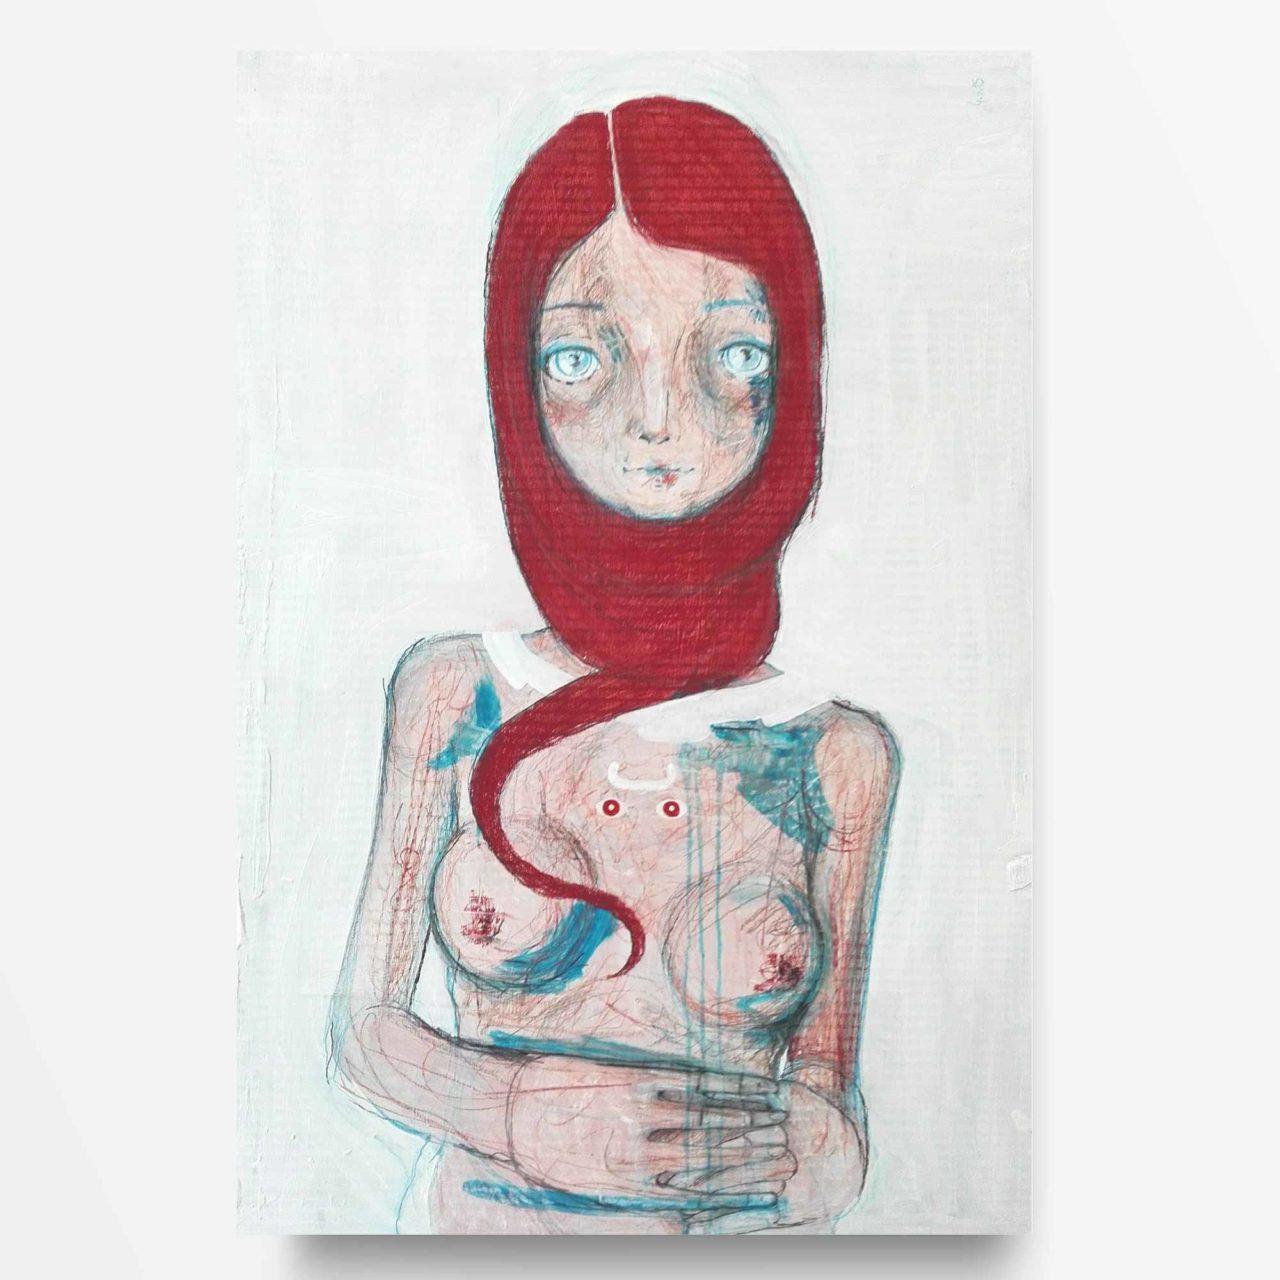 2015 Burnout Prostituta Sacra Pittura contemporanea di Diego Gabriele